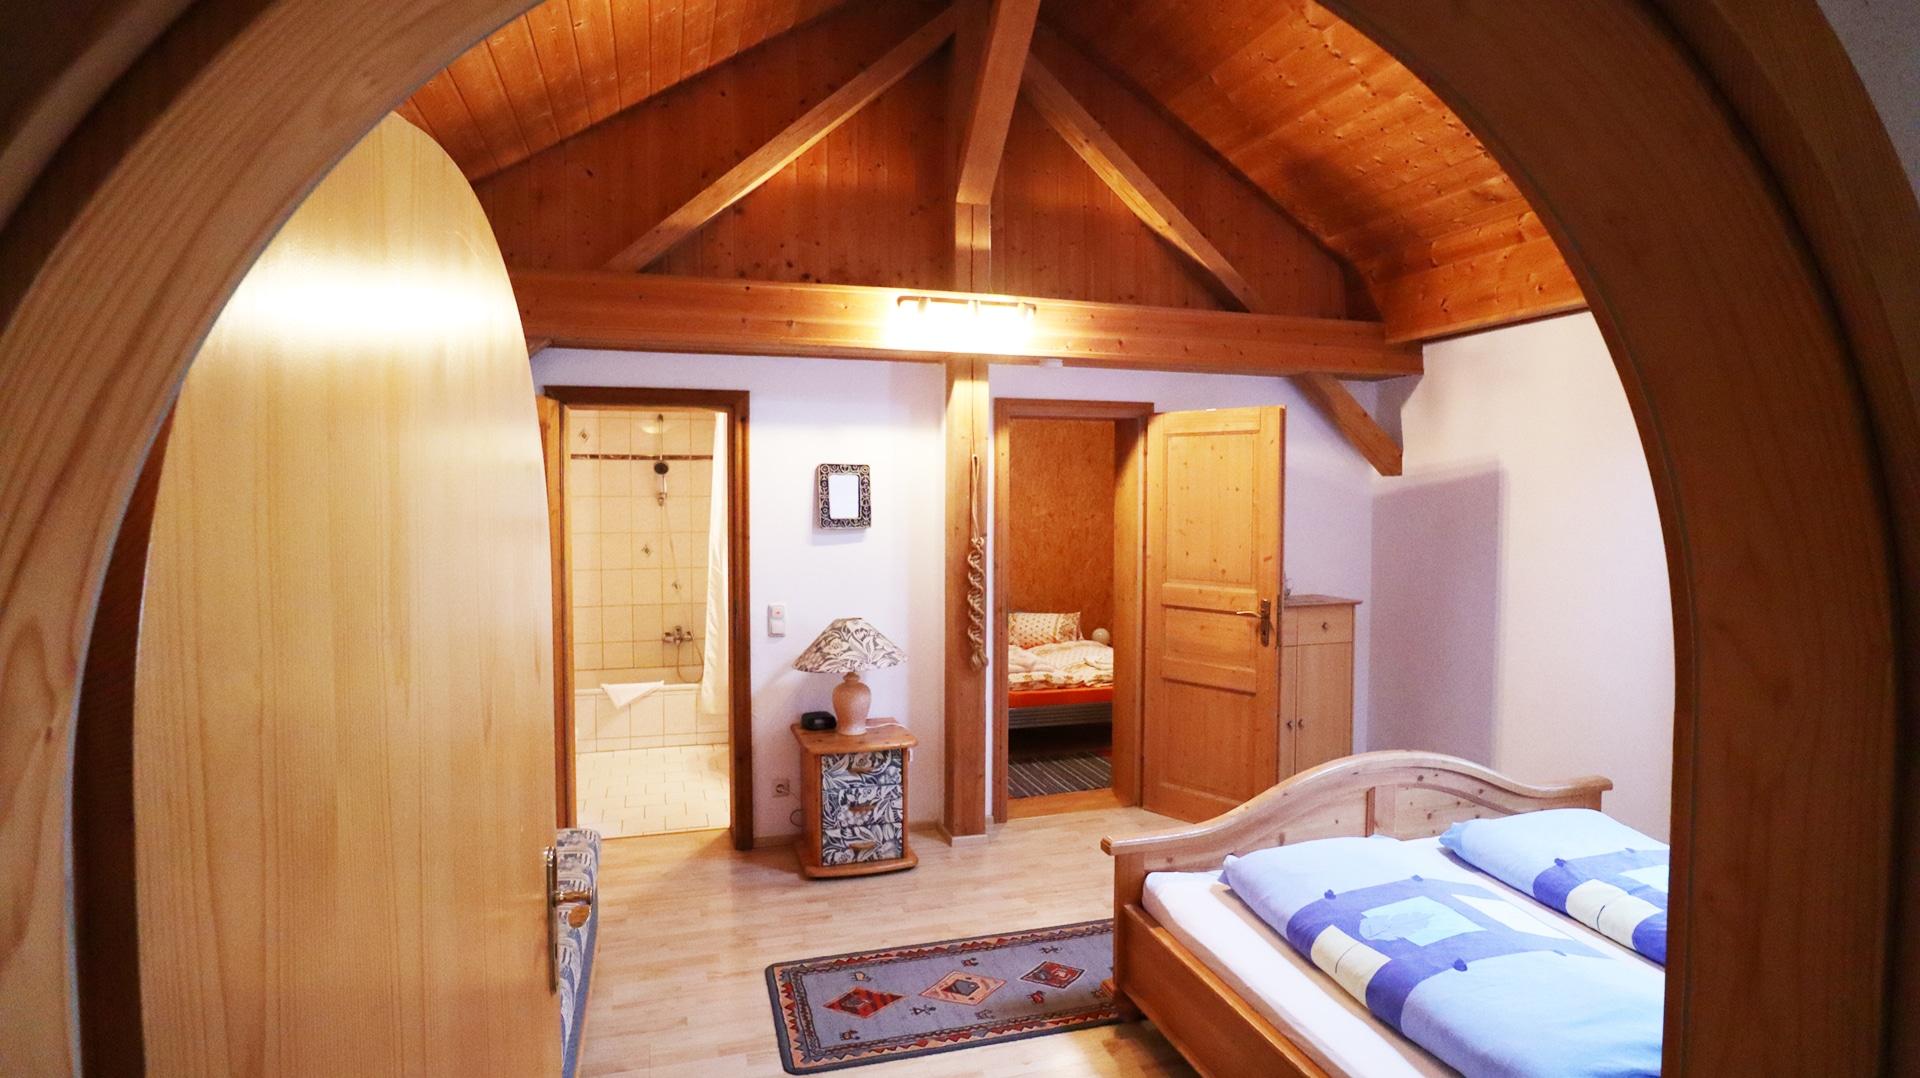 Reiterhof Ferienwohnung Lusitano - Blick ins Schlafzimmer, Kinderzimmer und Bad